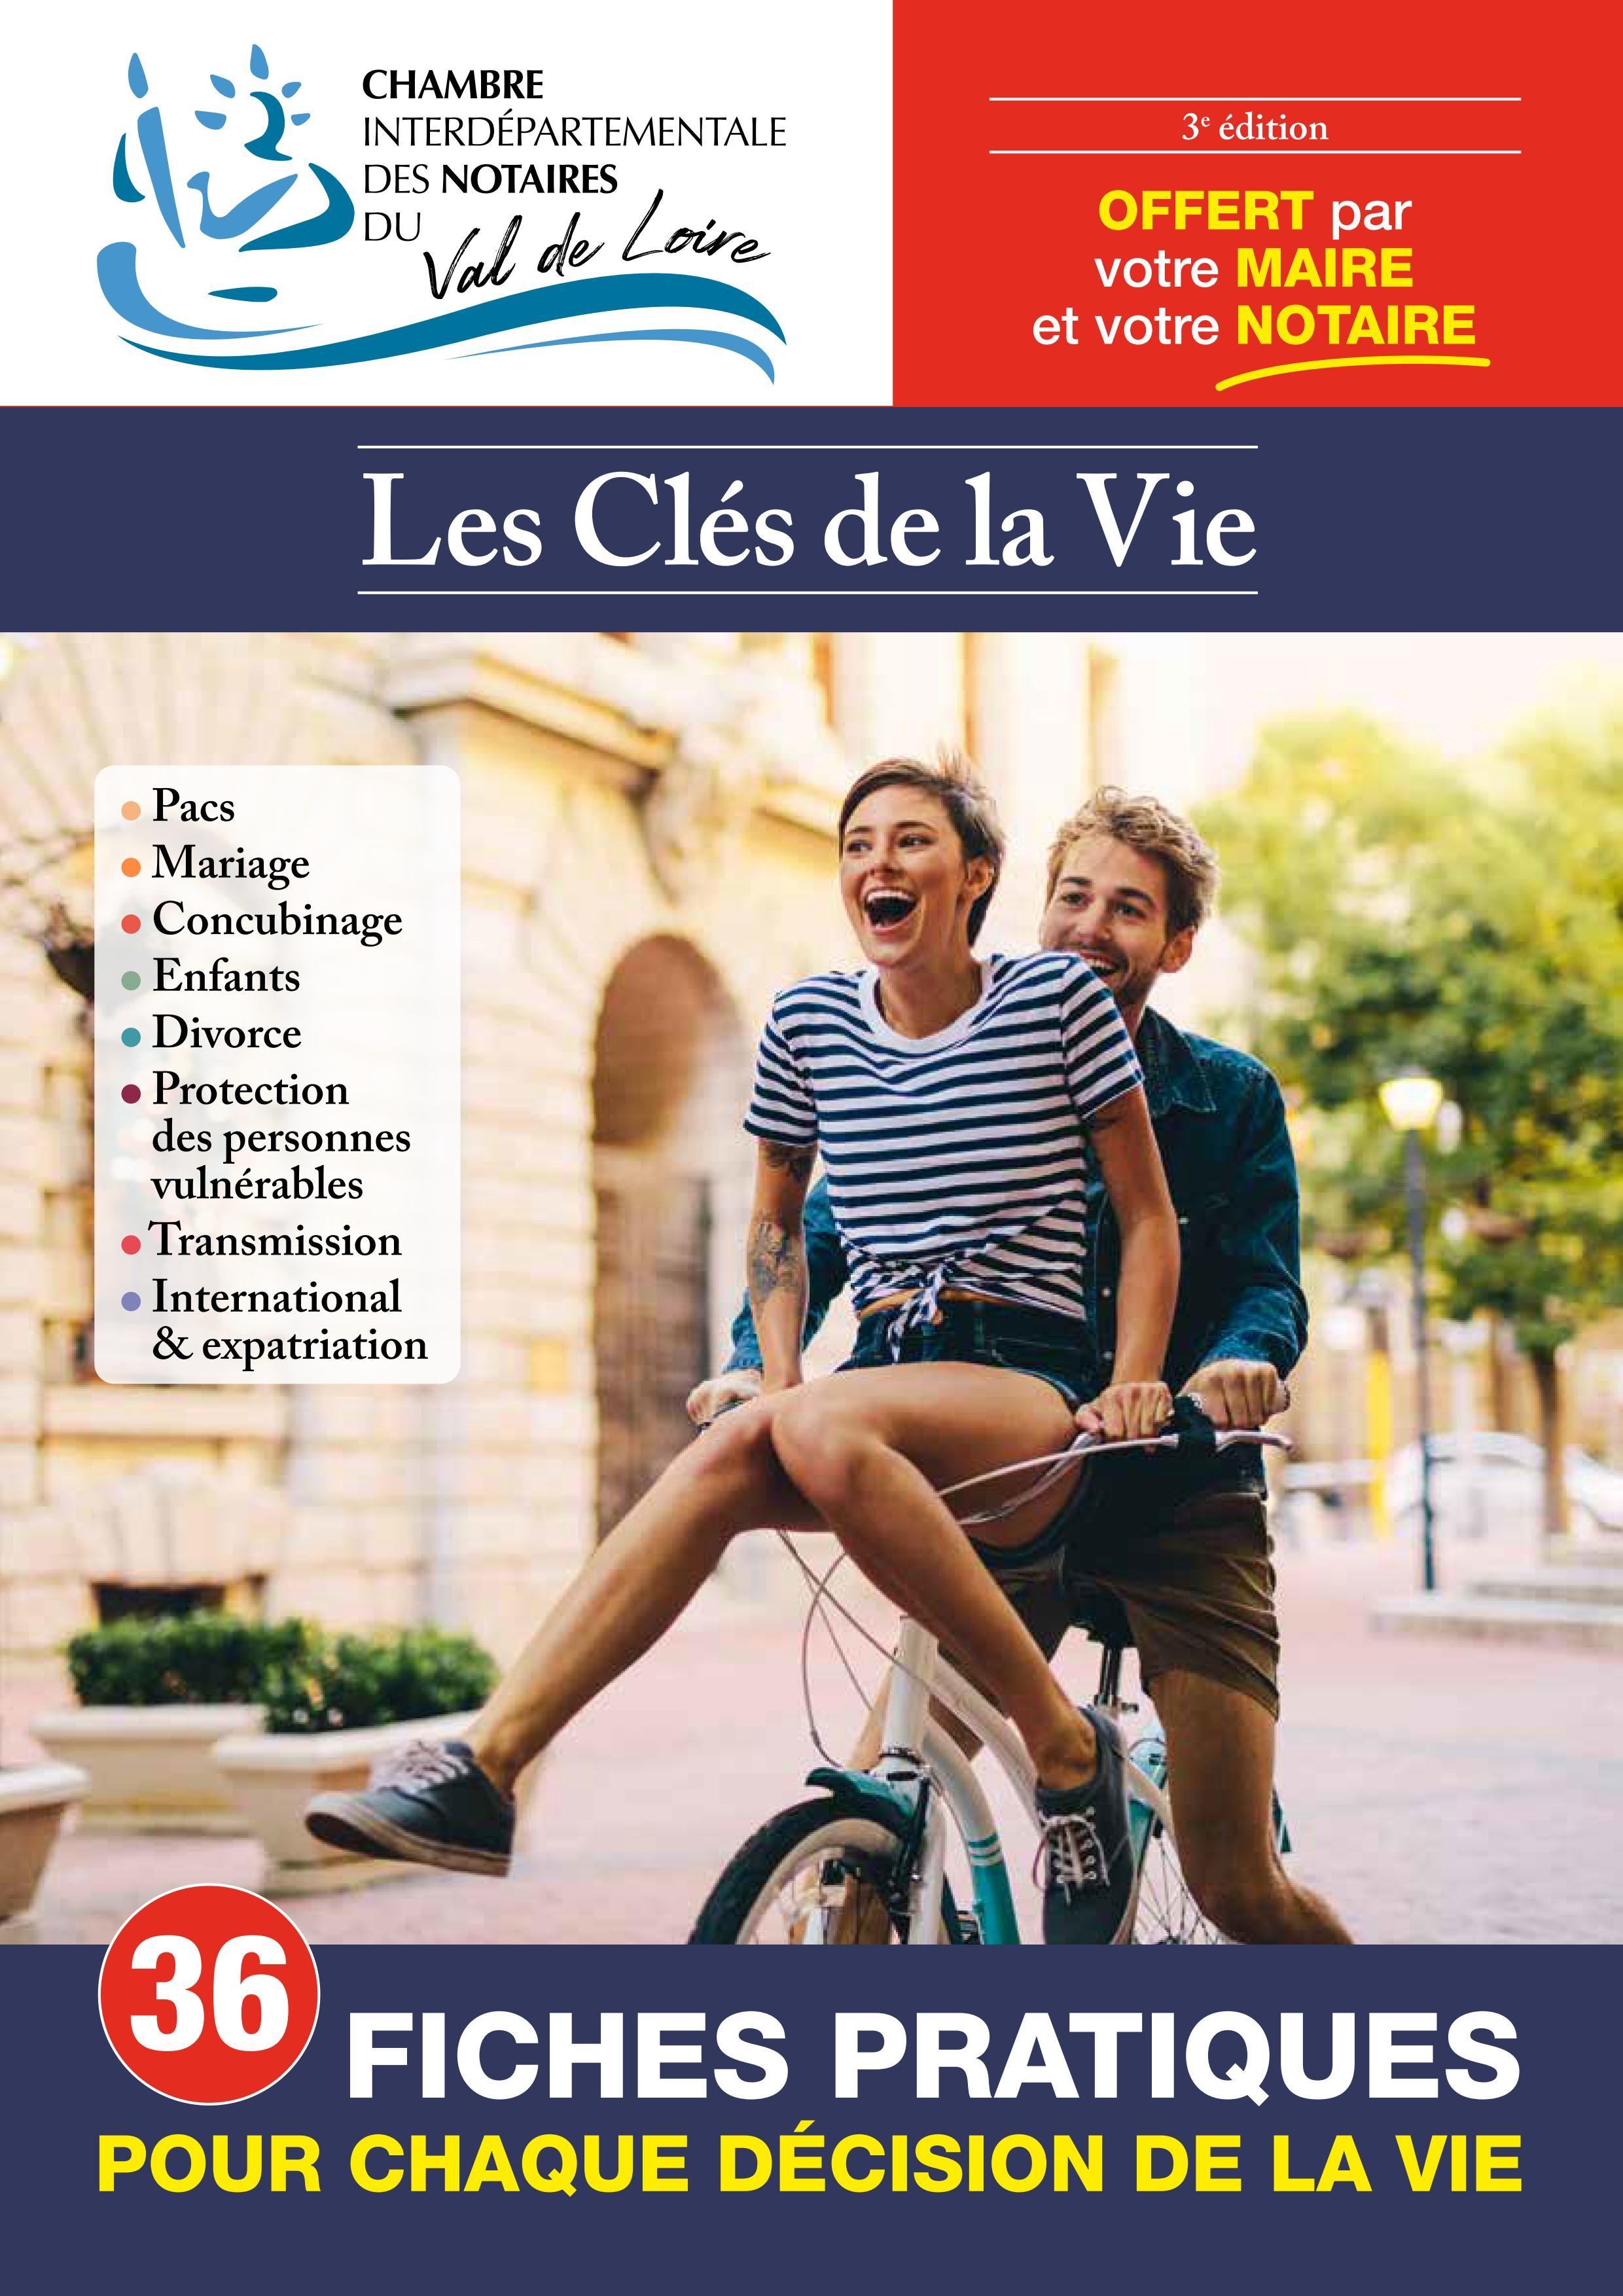 LES CLES DE LA VIE_9832__01.jpg